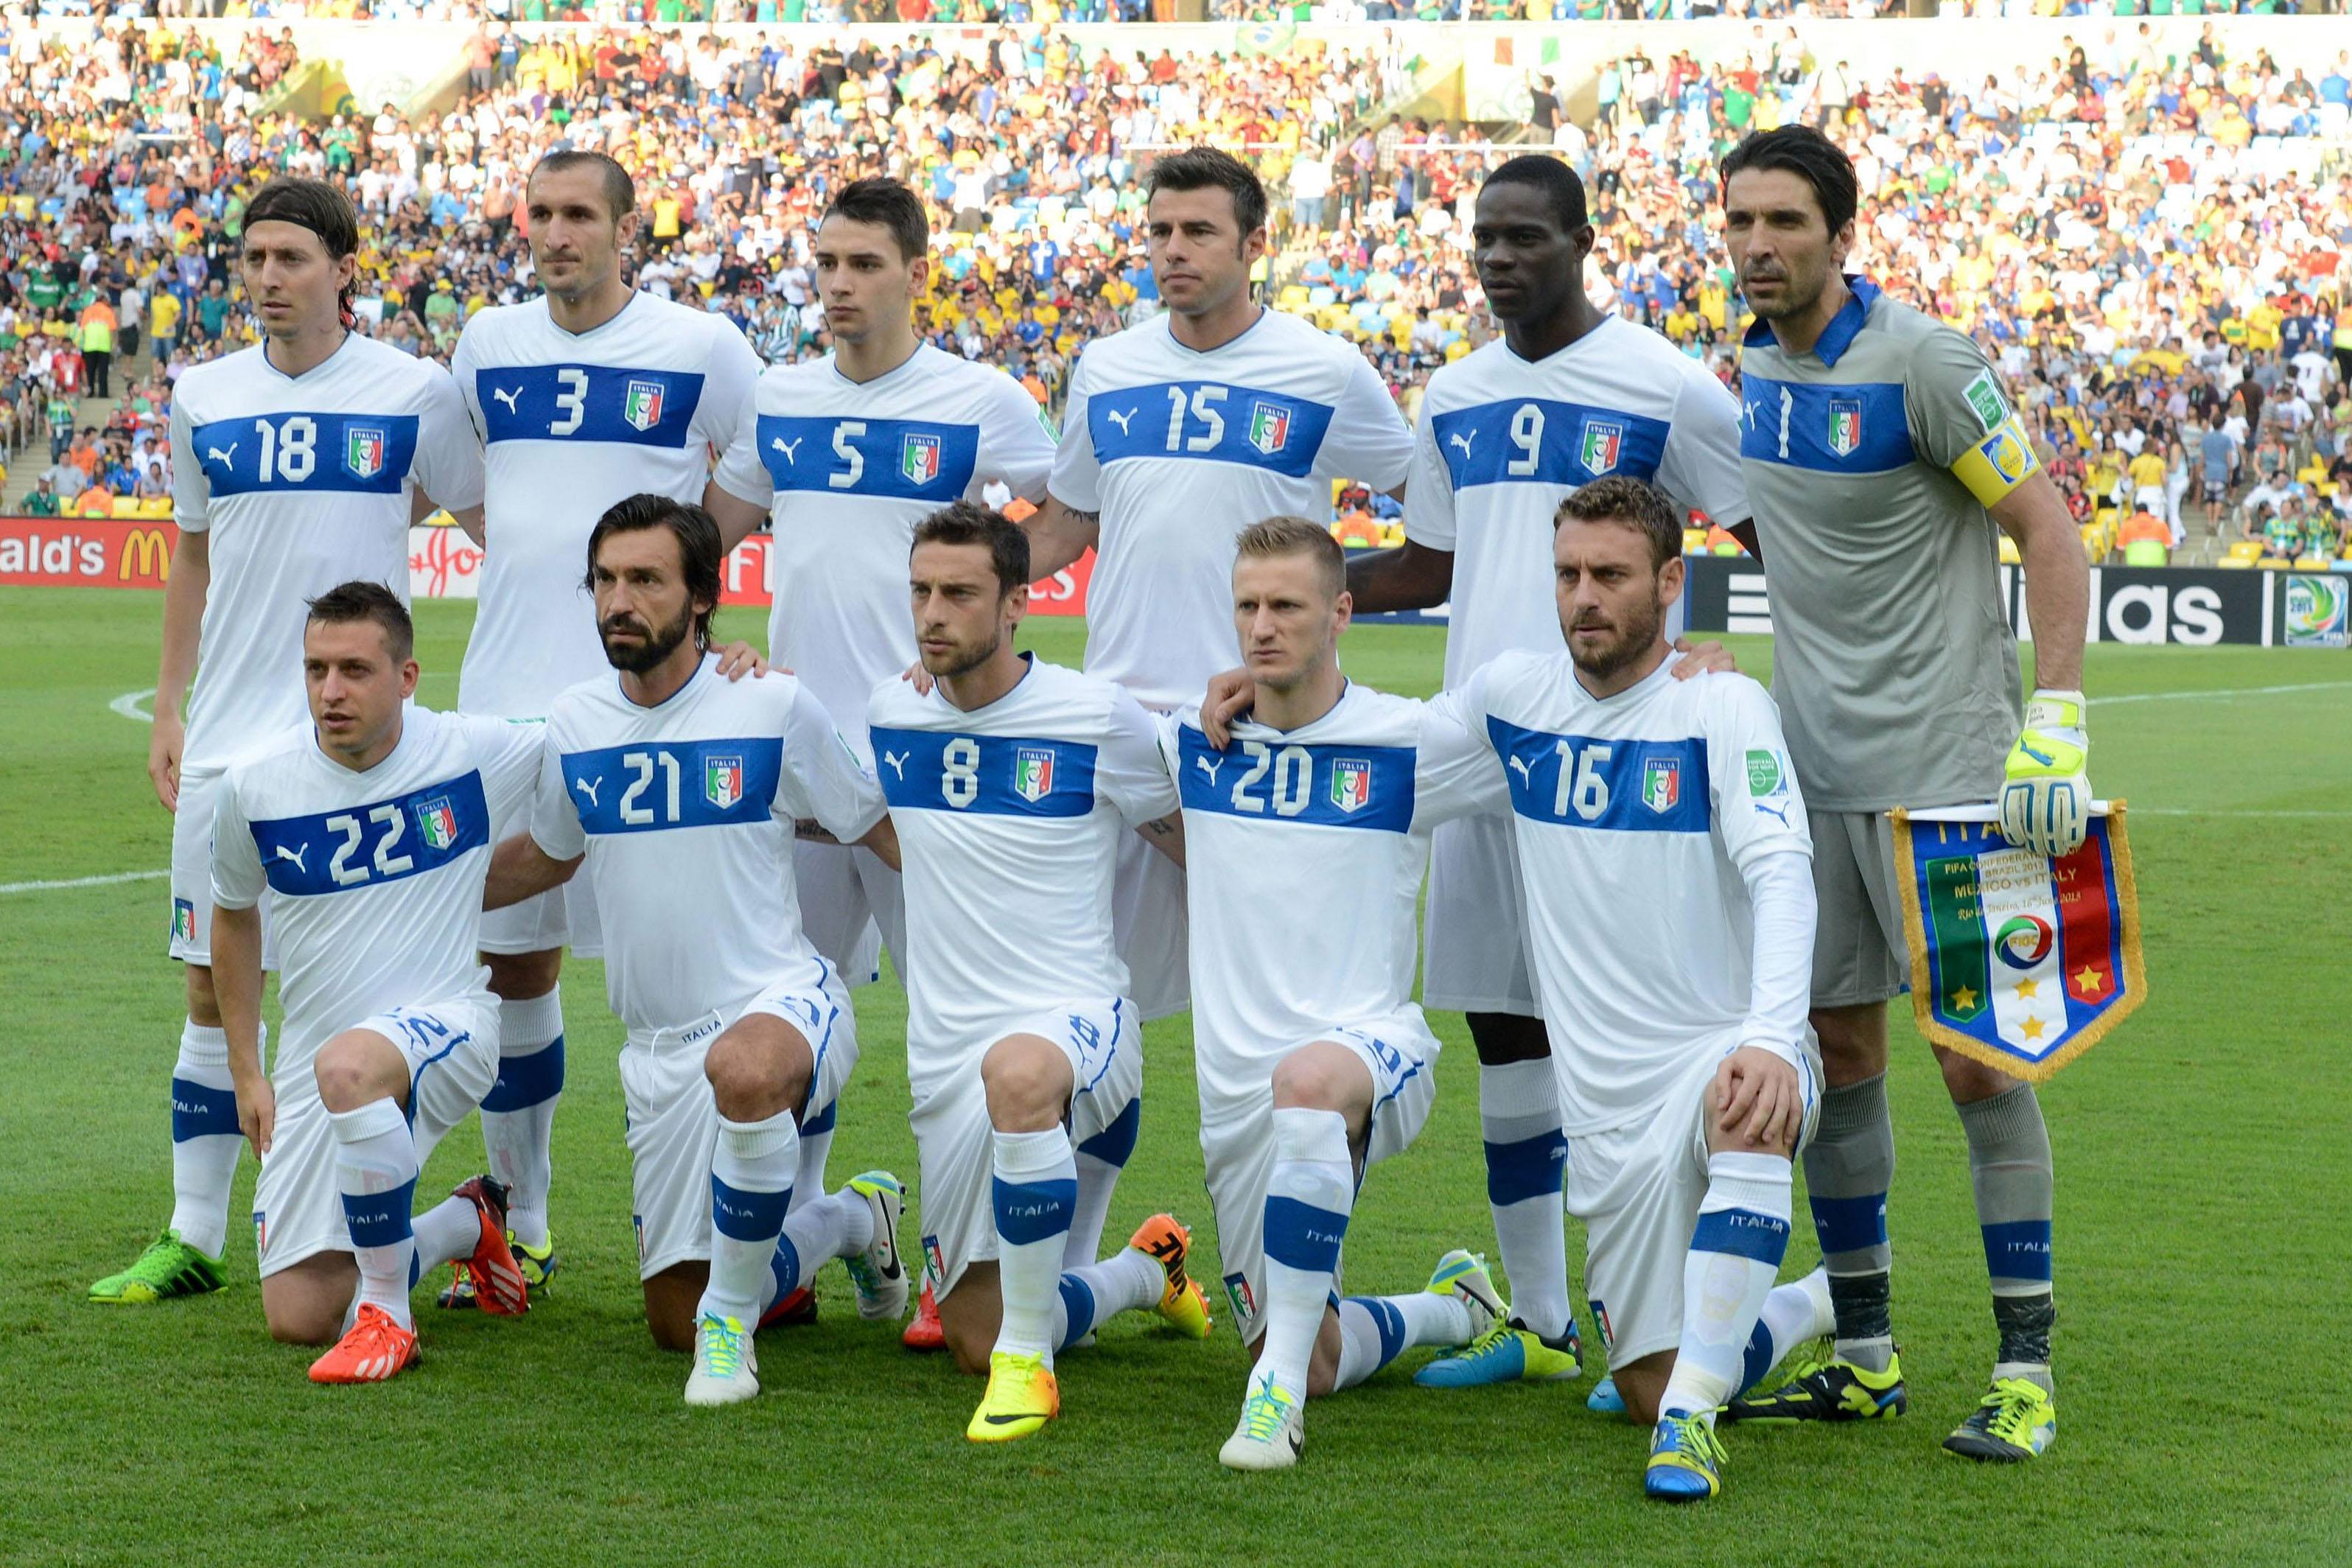 italia-conf-cup-2013-formazione-vs-messico-ifa